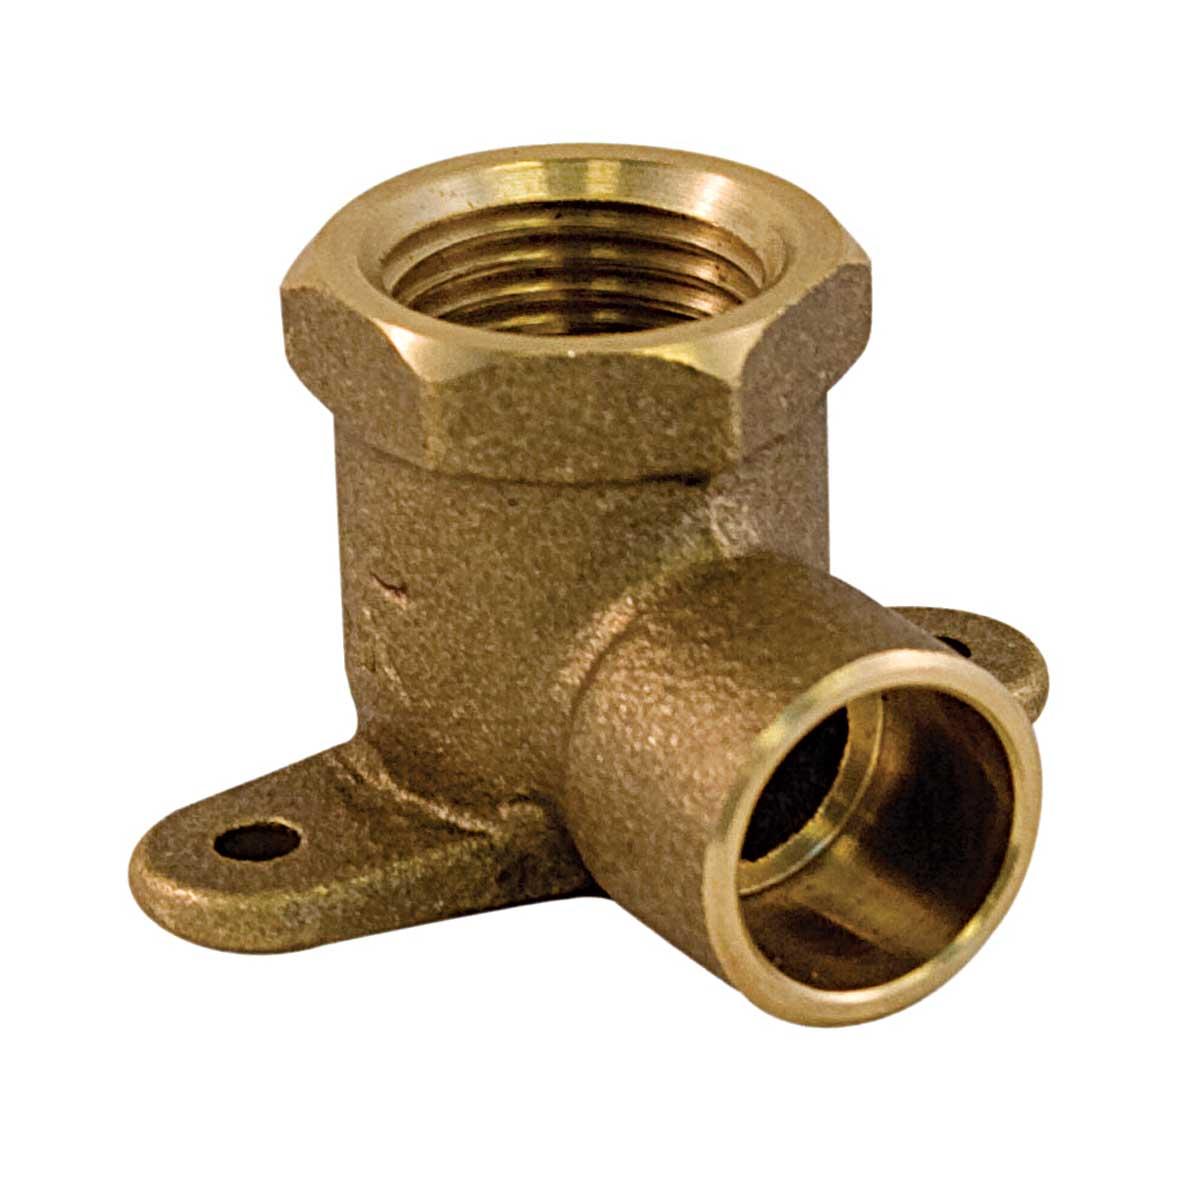 Brass Drop Ear Elbow 1/2-in - C x F